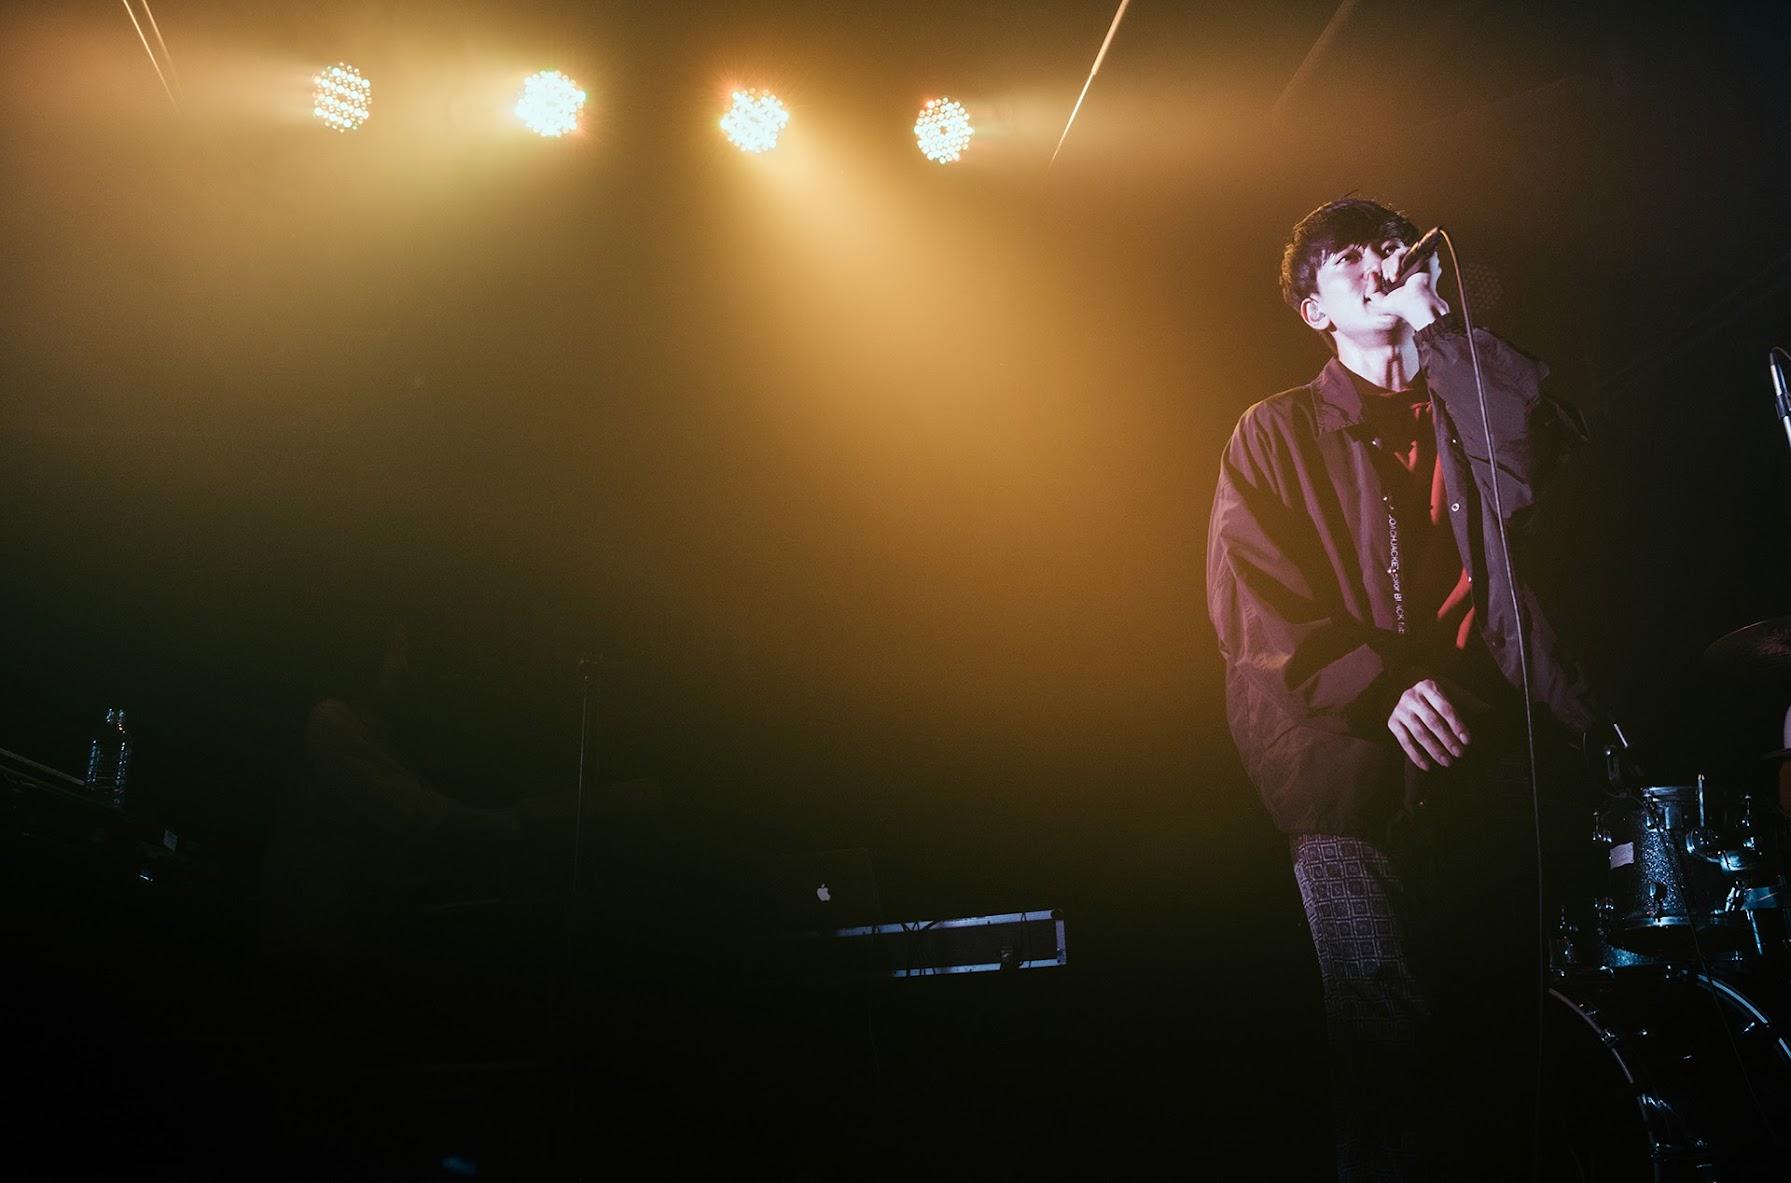 【迷迷現場】長了針眼?!雨的遊行(雨のパレード)首次台灣單獨公演